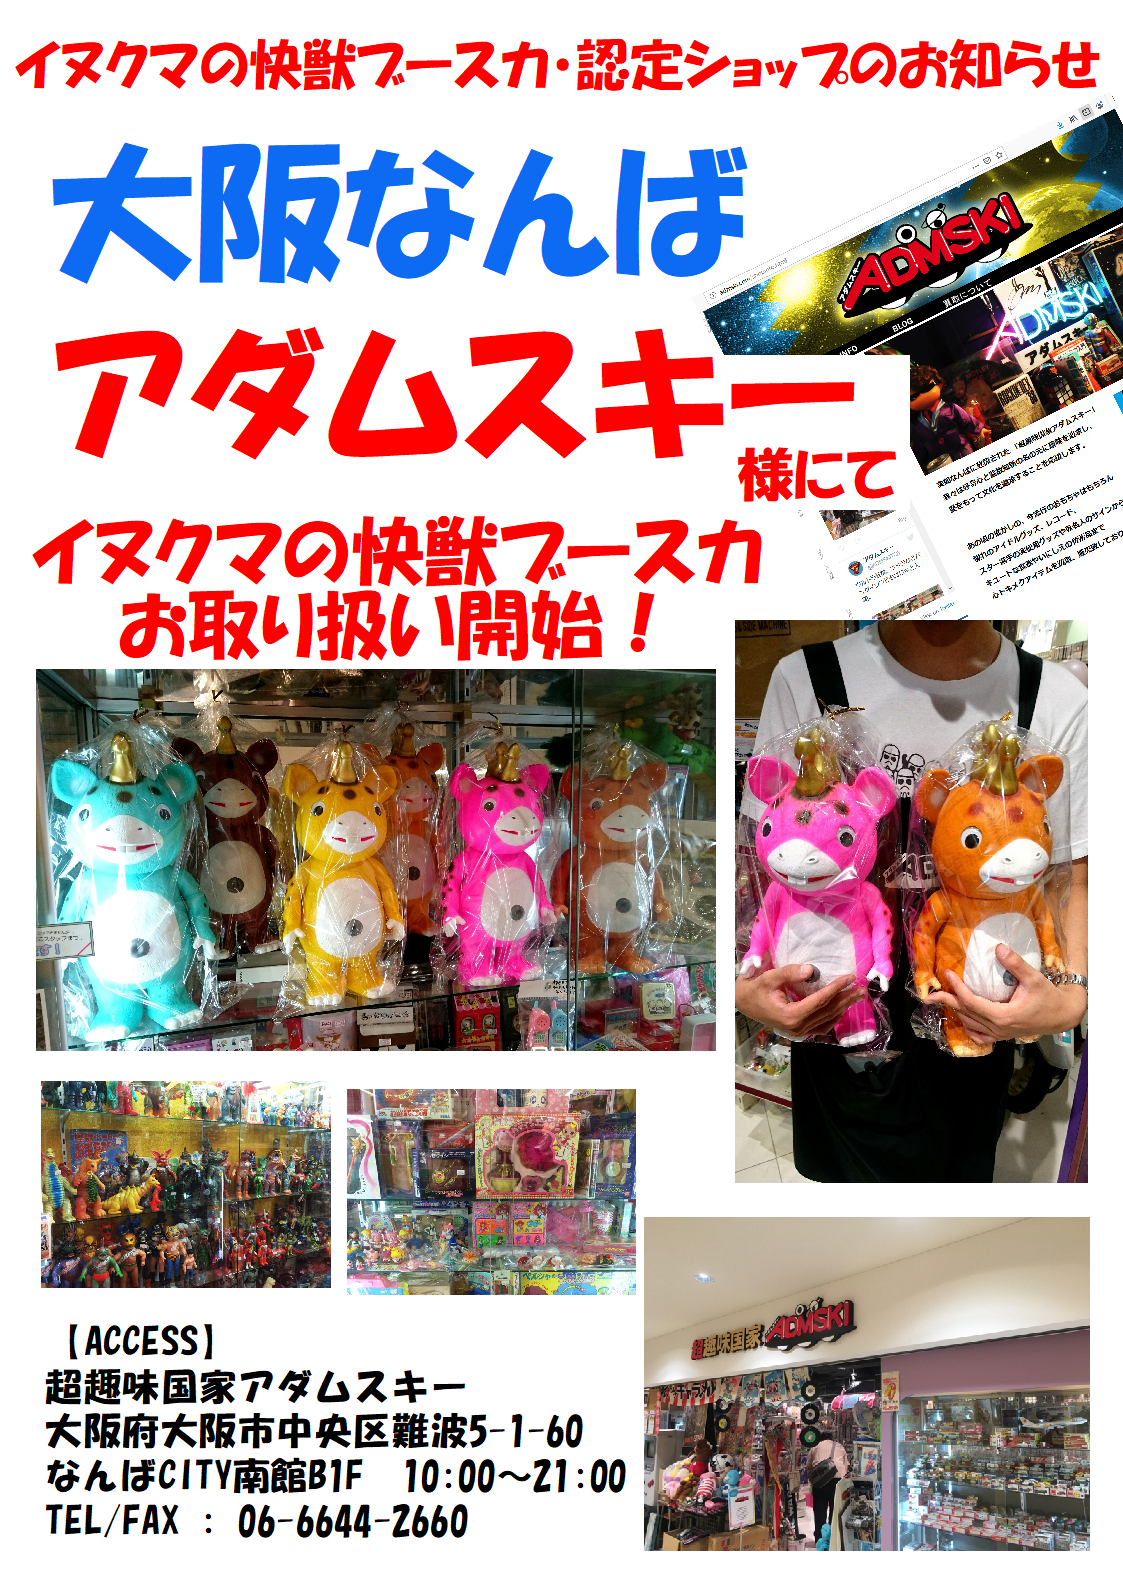 大阪なんば「アダムスキー」様にて イヌクマの快獣ブースカ製品のお取り扱いが始まりました。